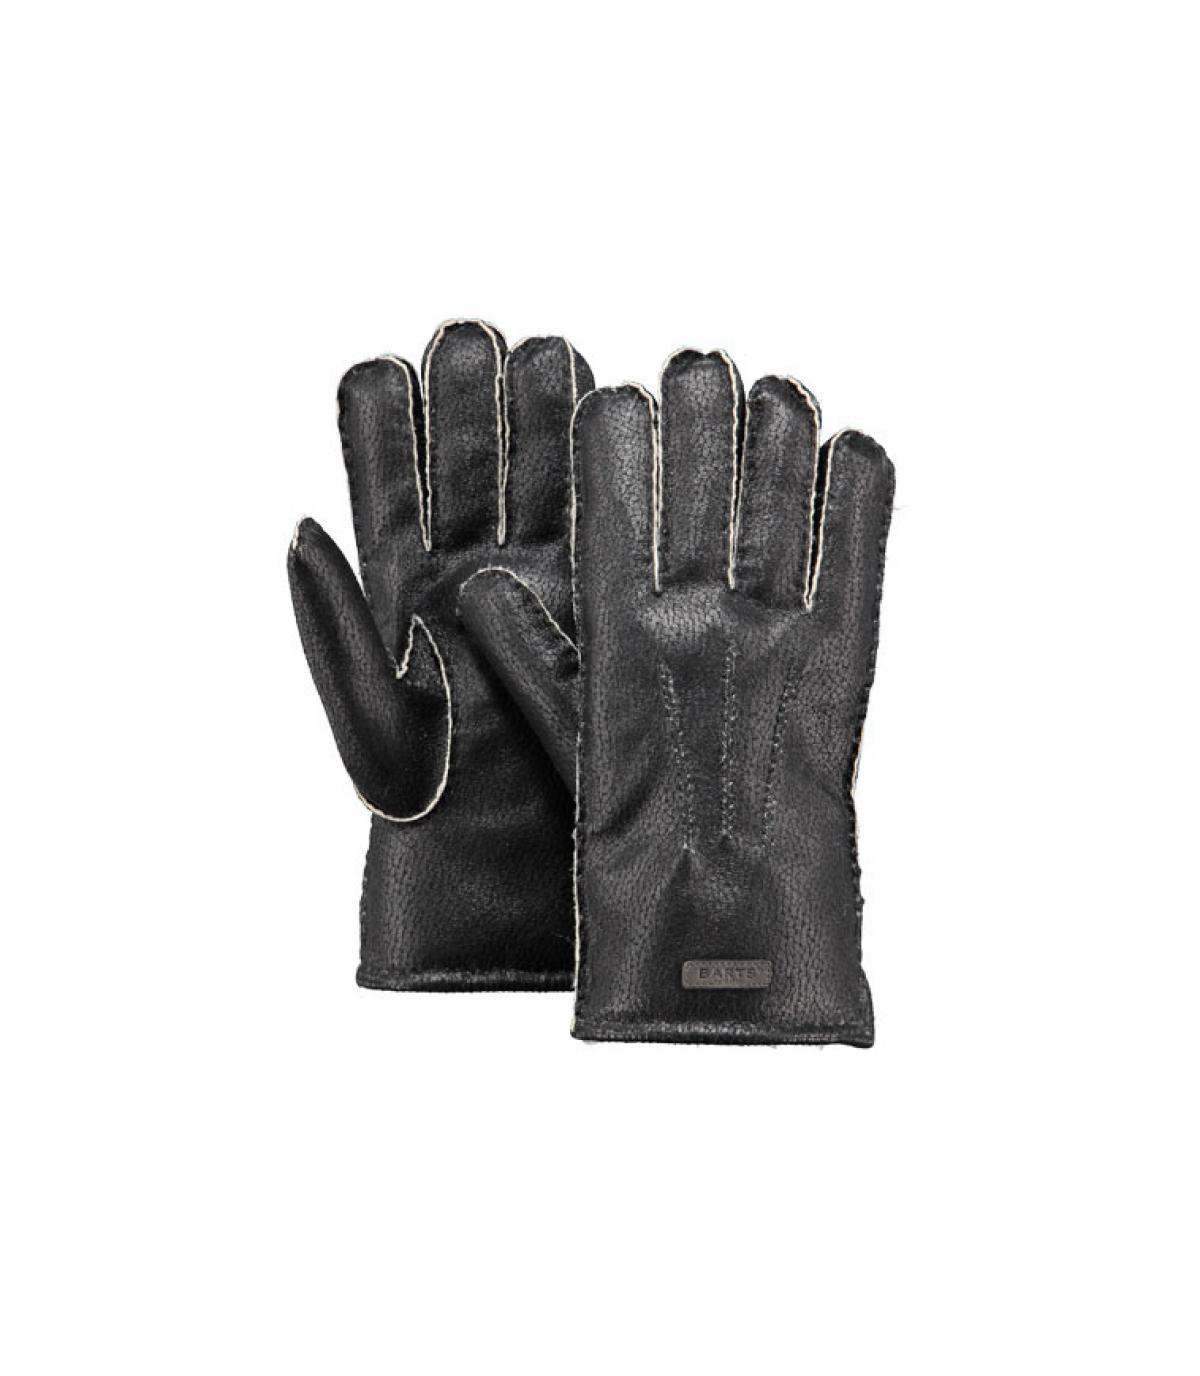 Details Chakku Handschuhe für Herren schwarz - Abbildung 3